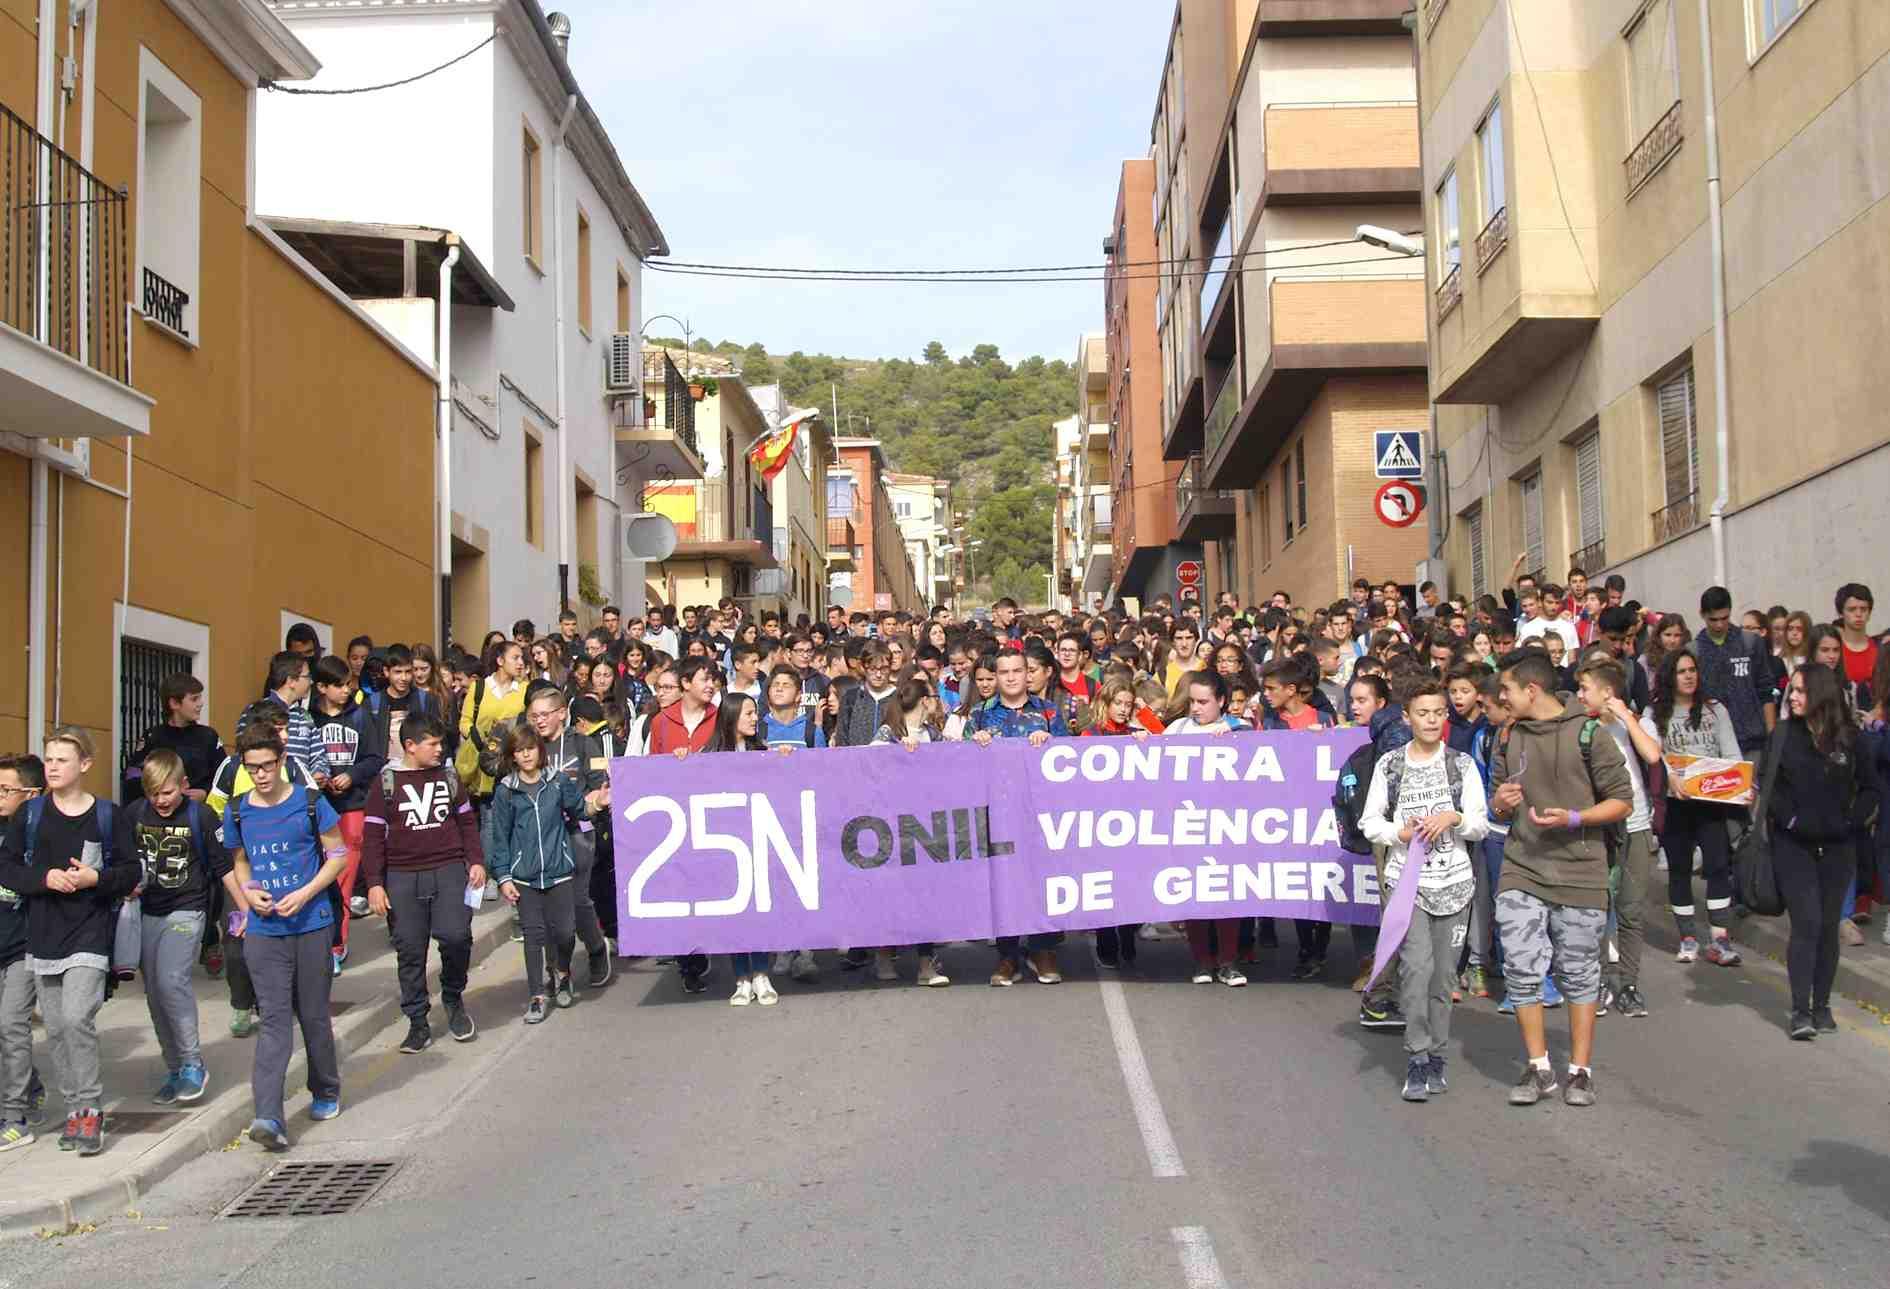 Cientos de alumnos del IES La Creueta claman contra la violencia de género